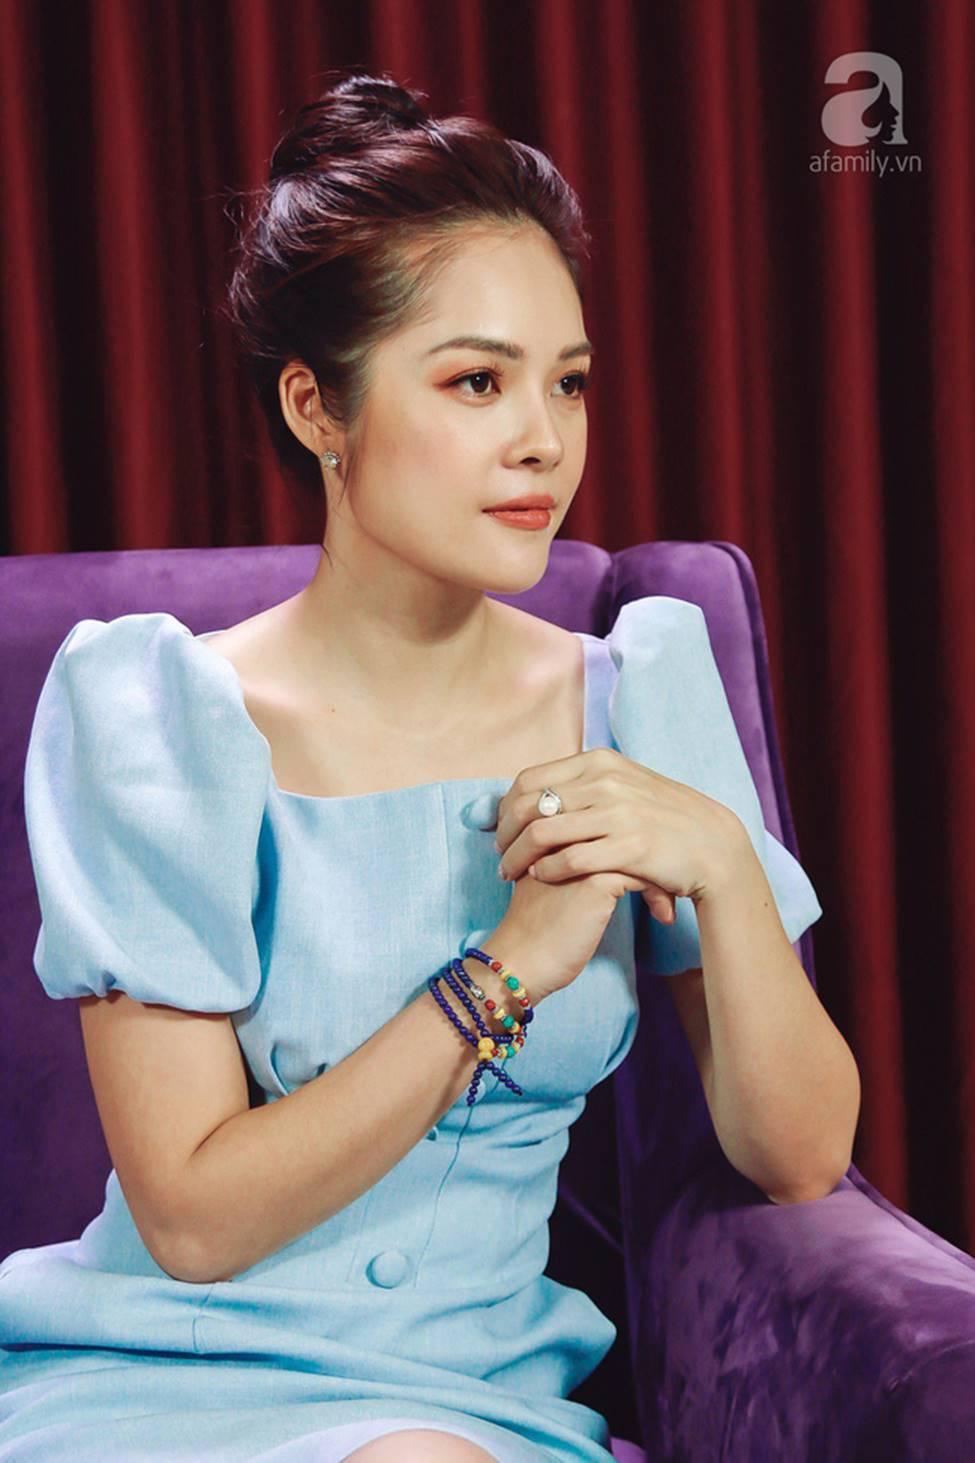 Lần đầu nói về Trấn Thành, Dương Cẩm Lynh không phủ nhận chuyện từng có quan hệ tình cảm!-2